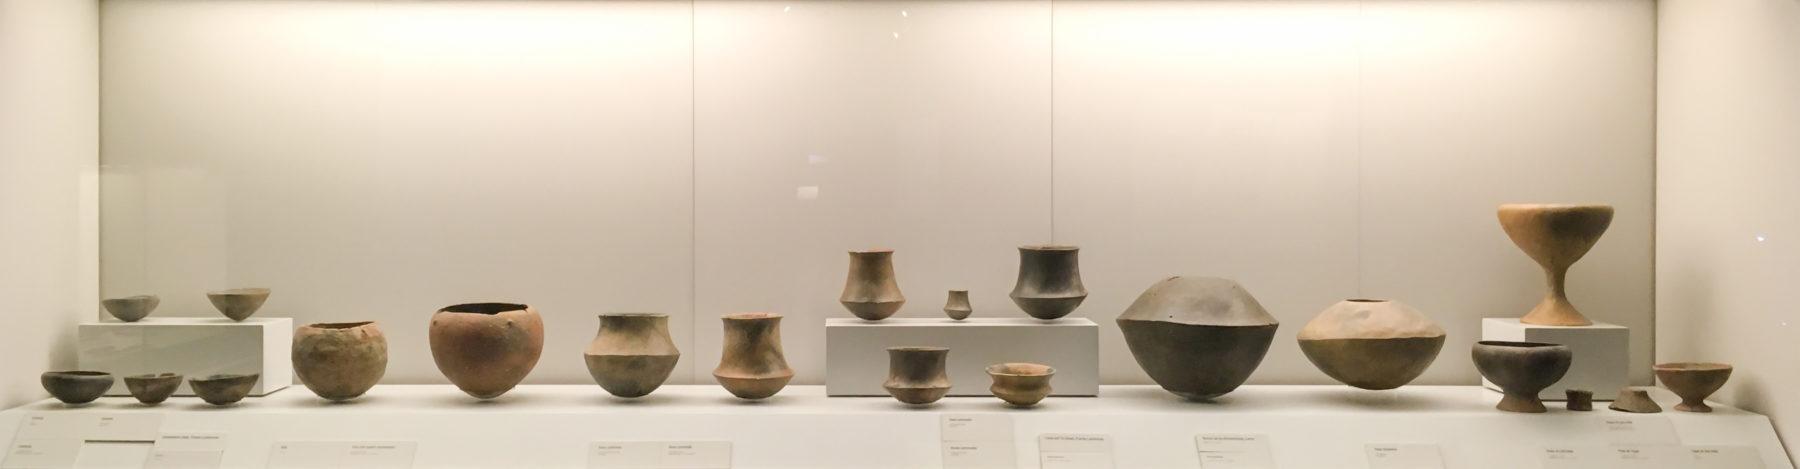 Argar edények, Murcia - Károlyi Ildikó